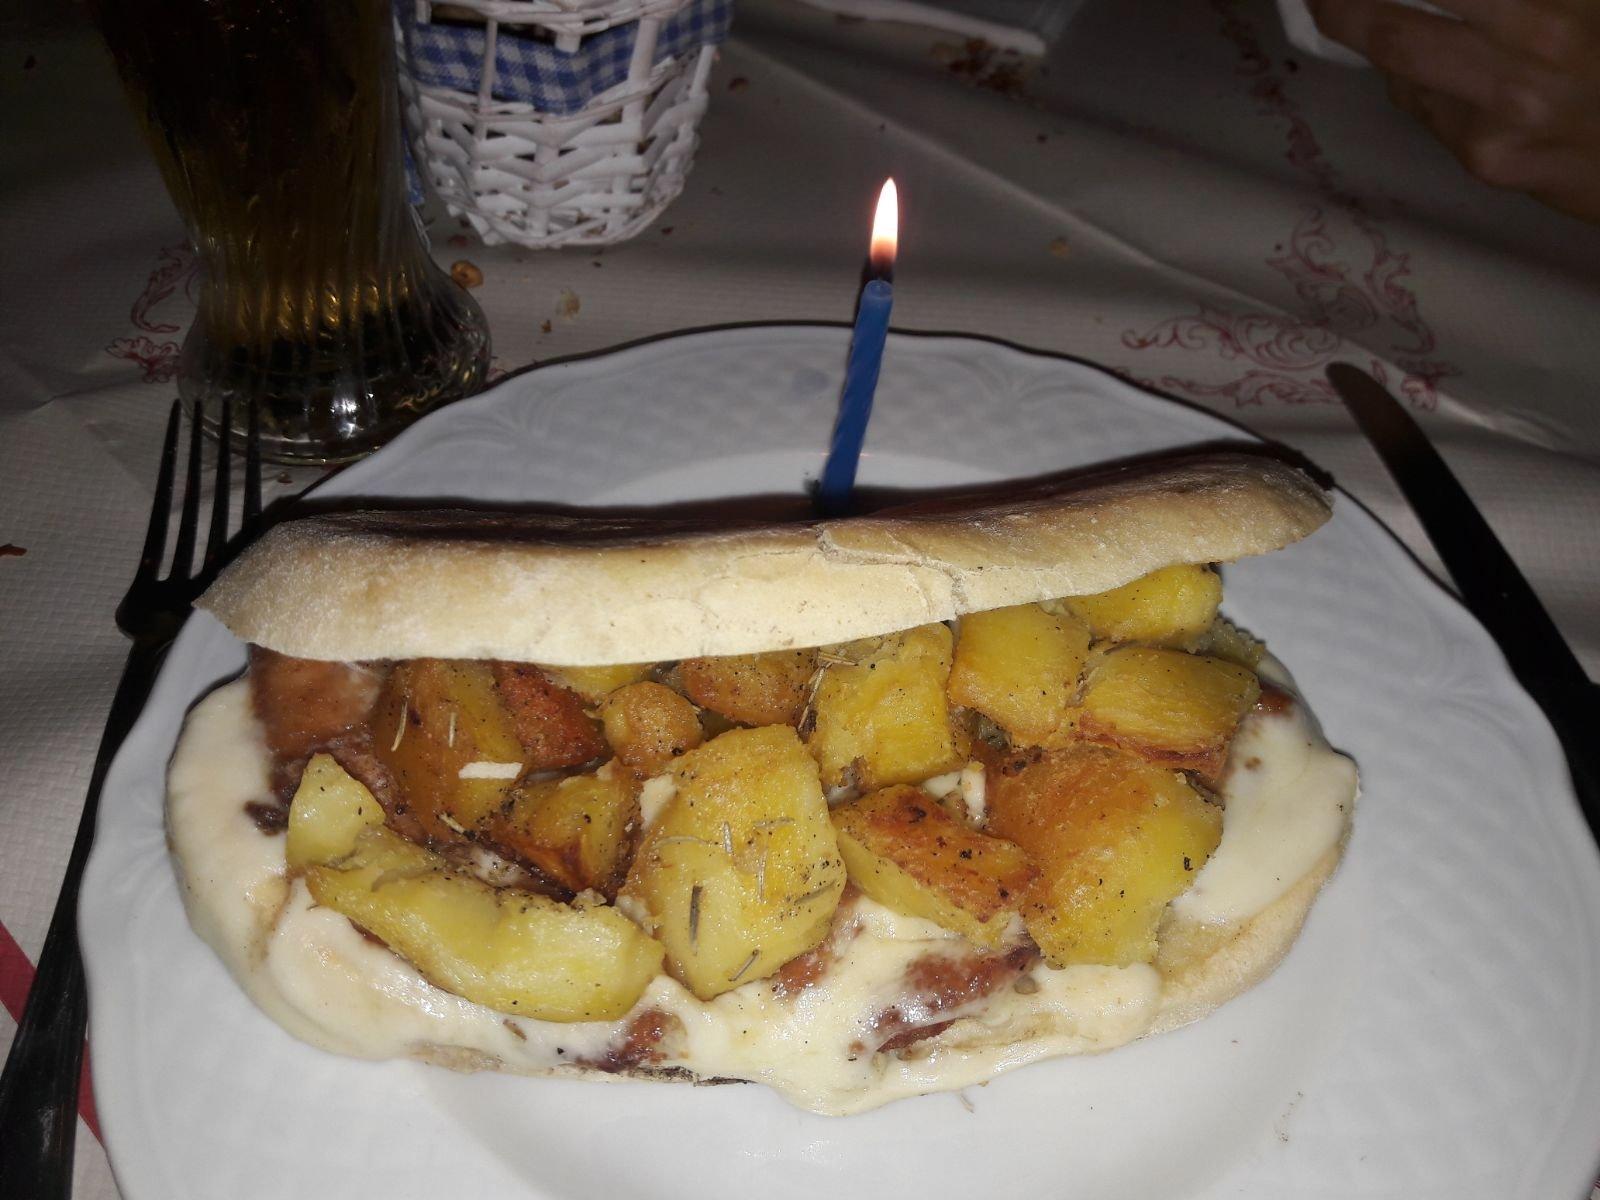 Cucina Della Mamma Nocera Inferiore don panino carlos a nocera superiore - menù, prezzi